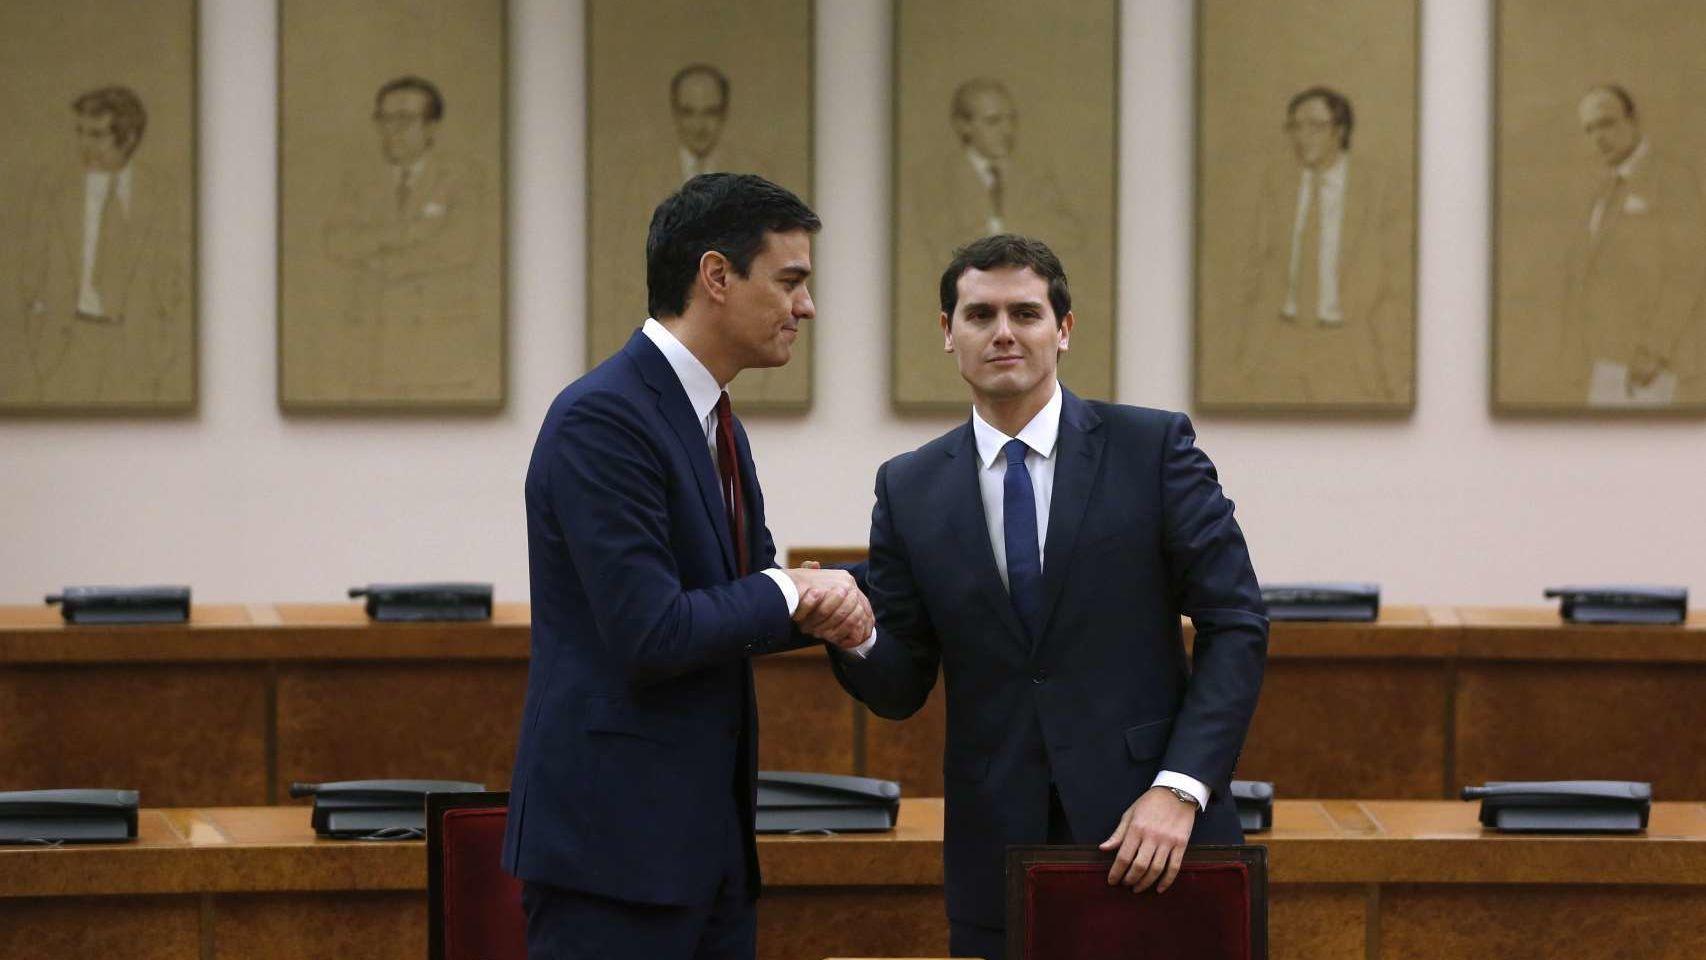 Pedro Sánchez acepta la propuesta de Ciudadanos | Fernando Alvarado para Efe